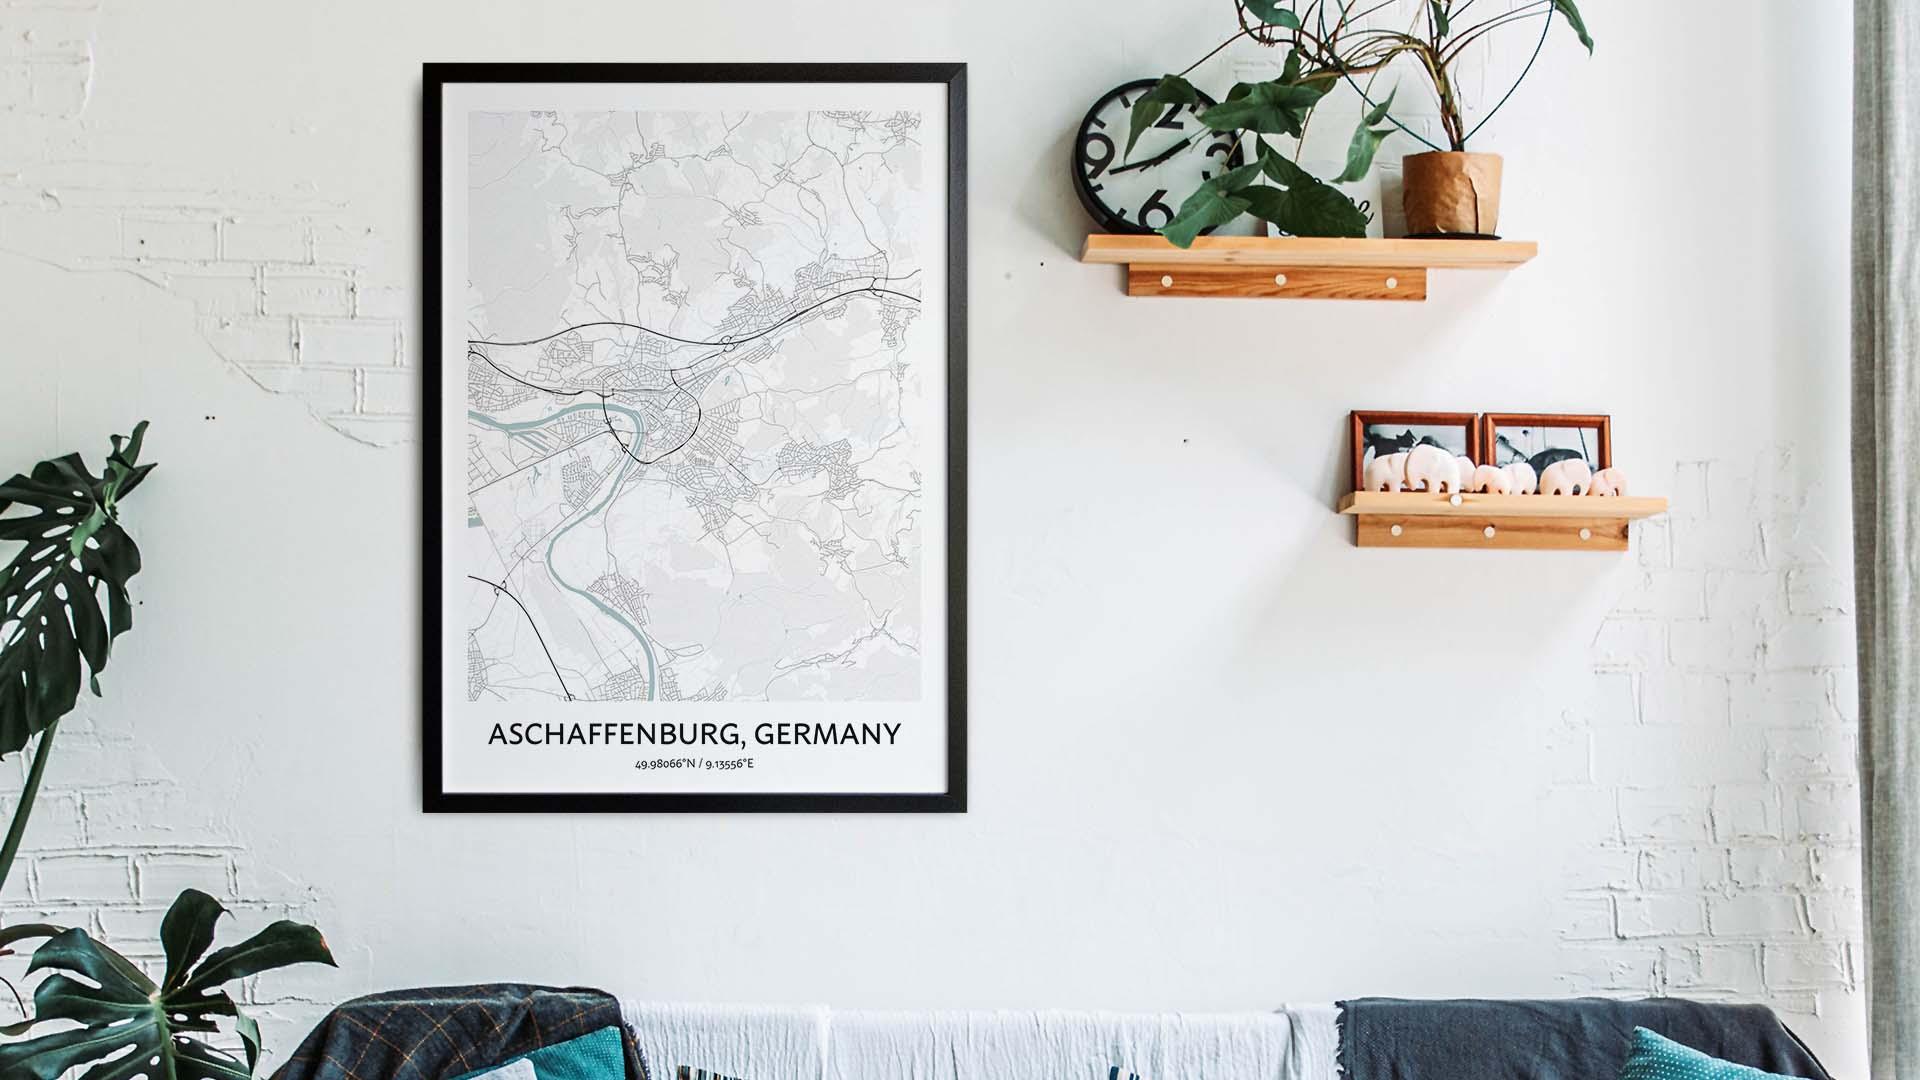 Aschaffenburg map art